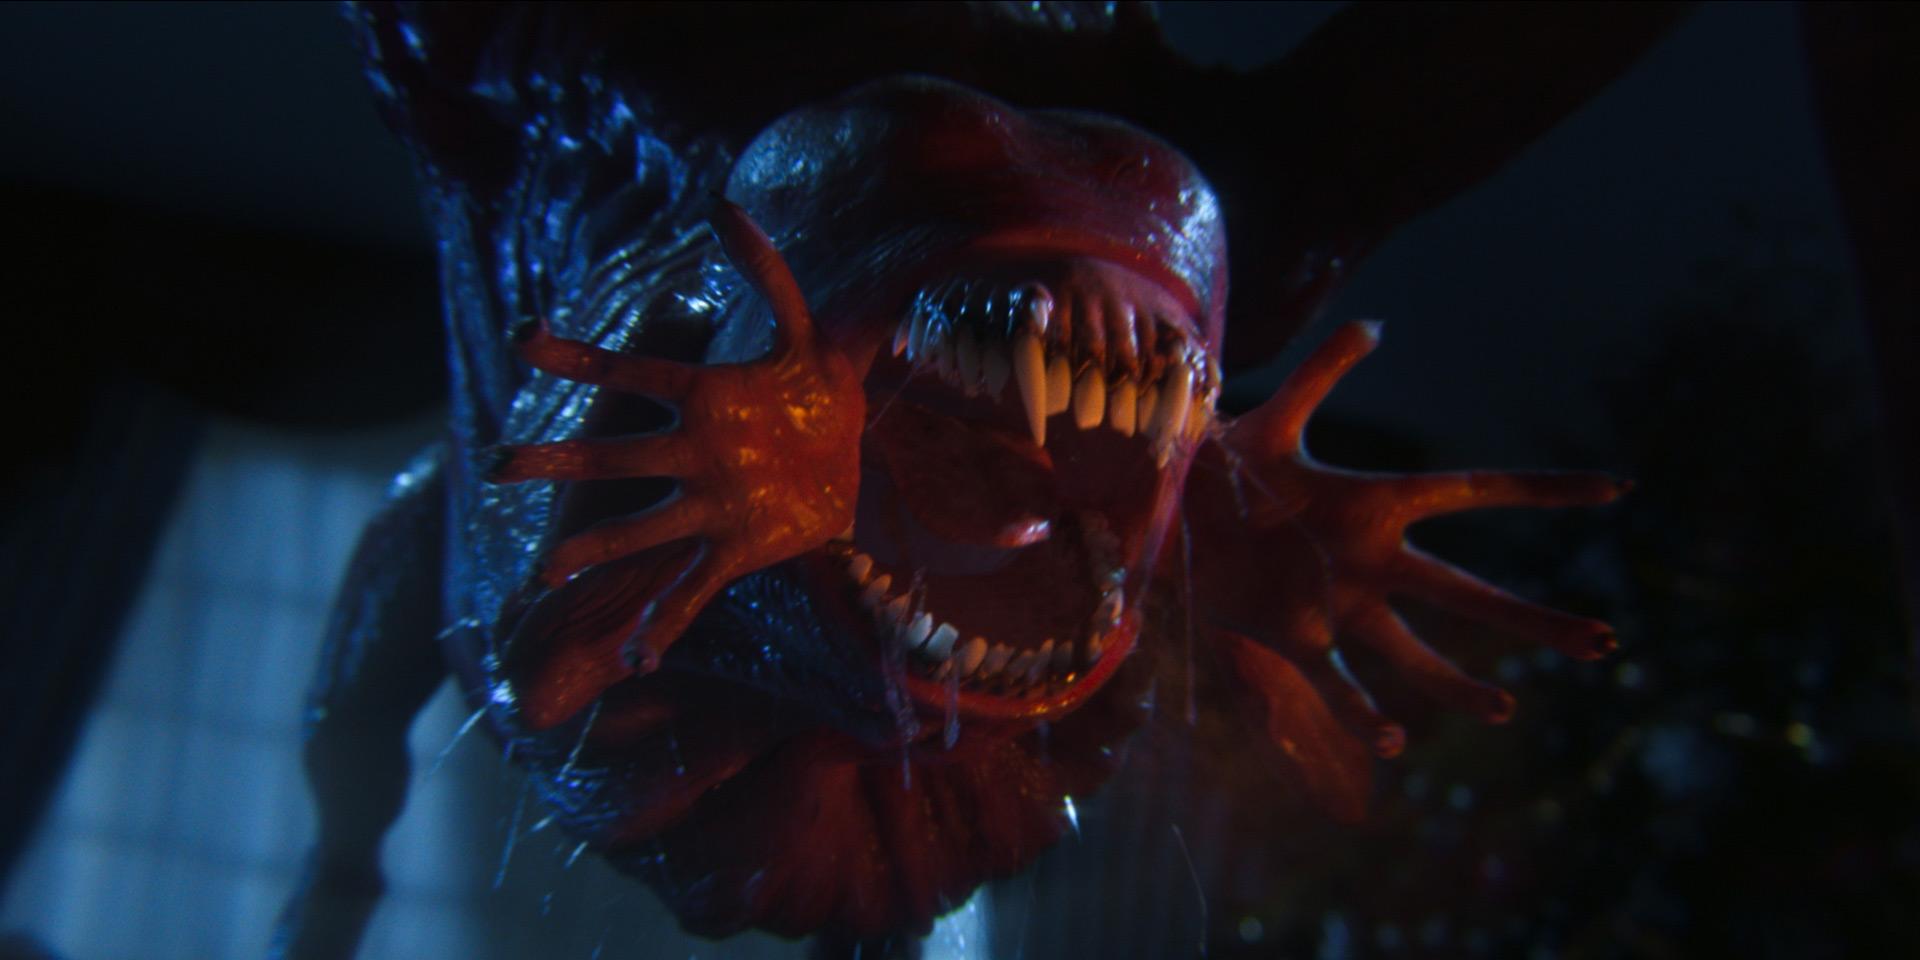 Cena do episódio Pela casa de Love, Death & Robots. Ocupando toda a imagem, vemos um monstro em tons de rosa, com dentes afiados e mãos saindo dos cantos da boca.